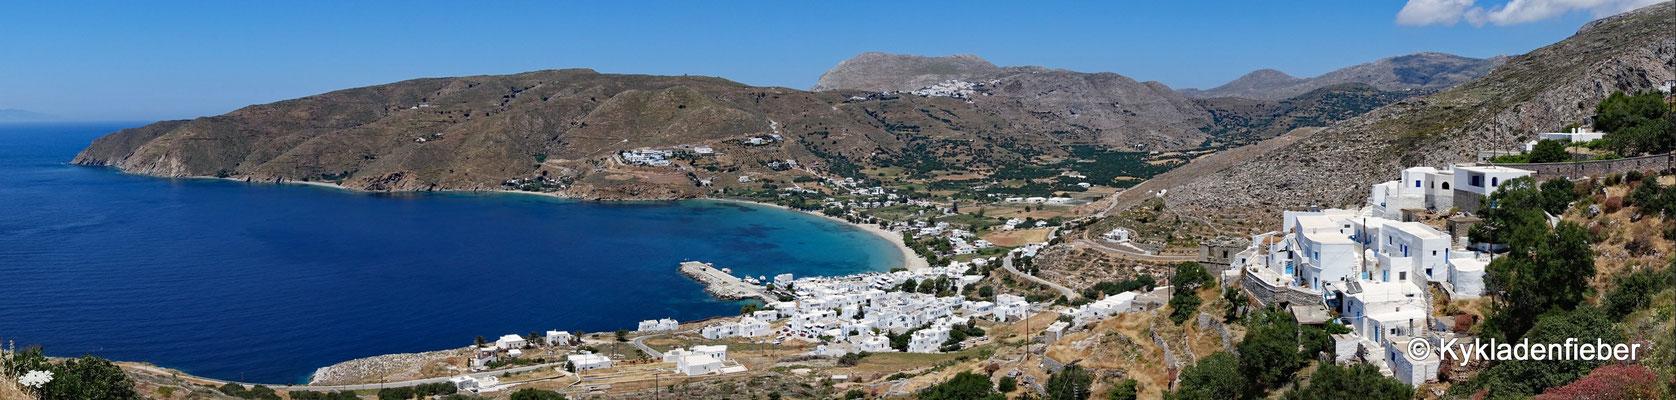 Amorgos Bucht von Ägiali